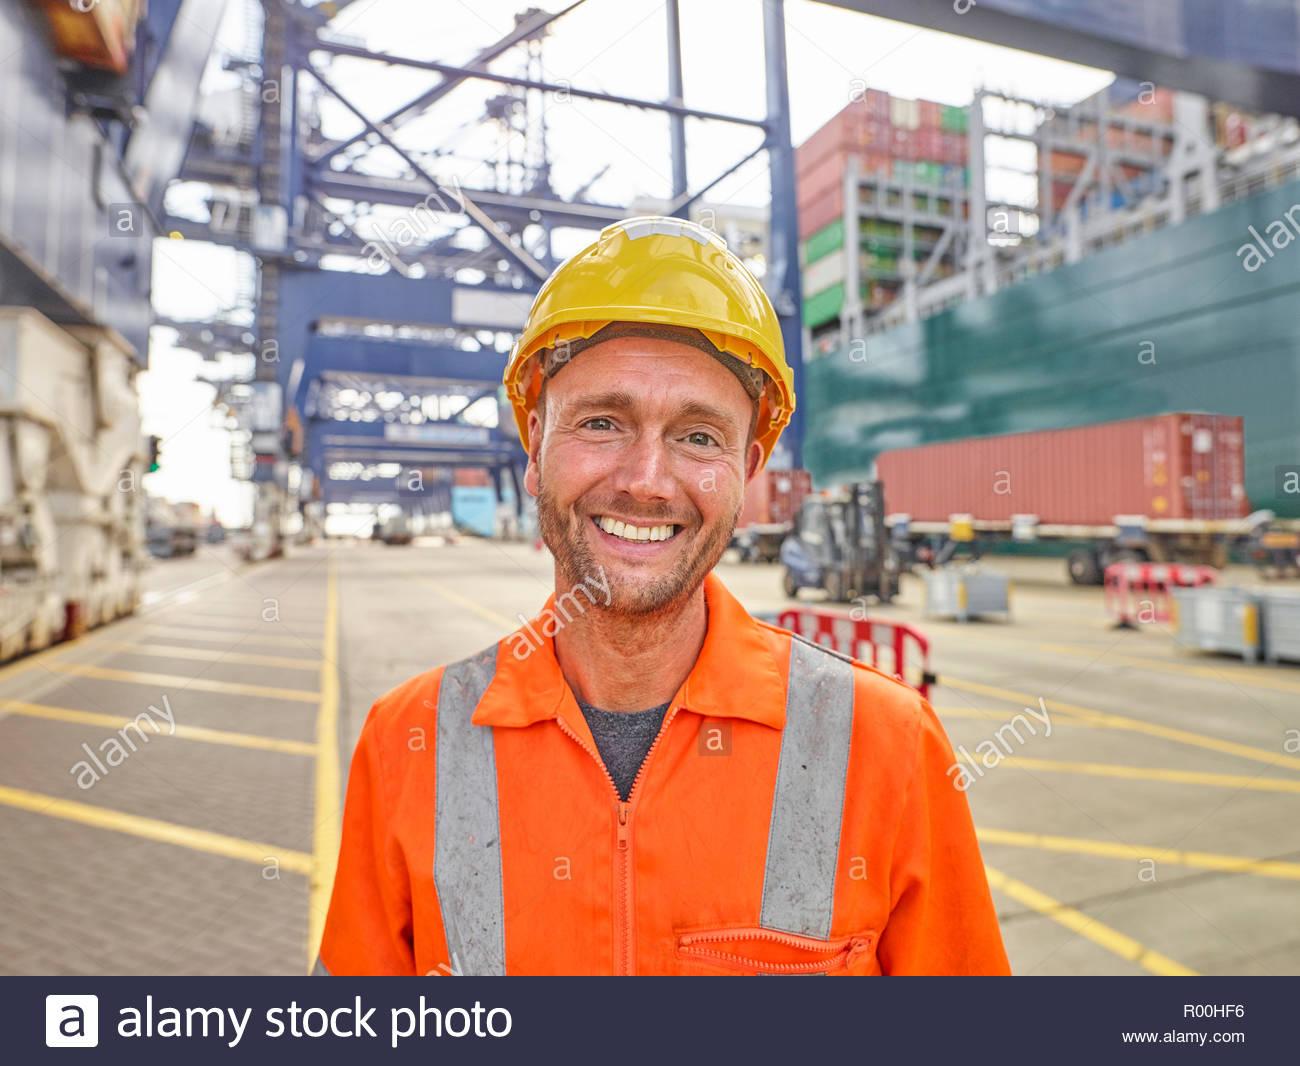 Sonriente trabajador portuario en ropa reflectante y sombrero duro enfrente de un buque portacontenedores y grúas retrato Foto de stock